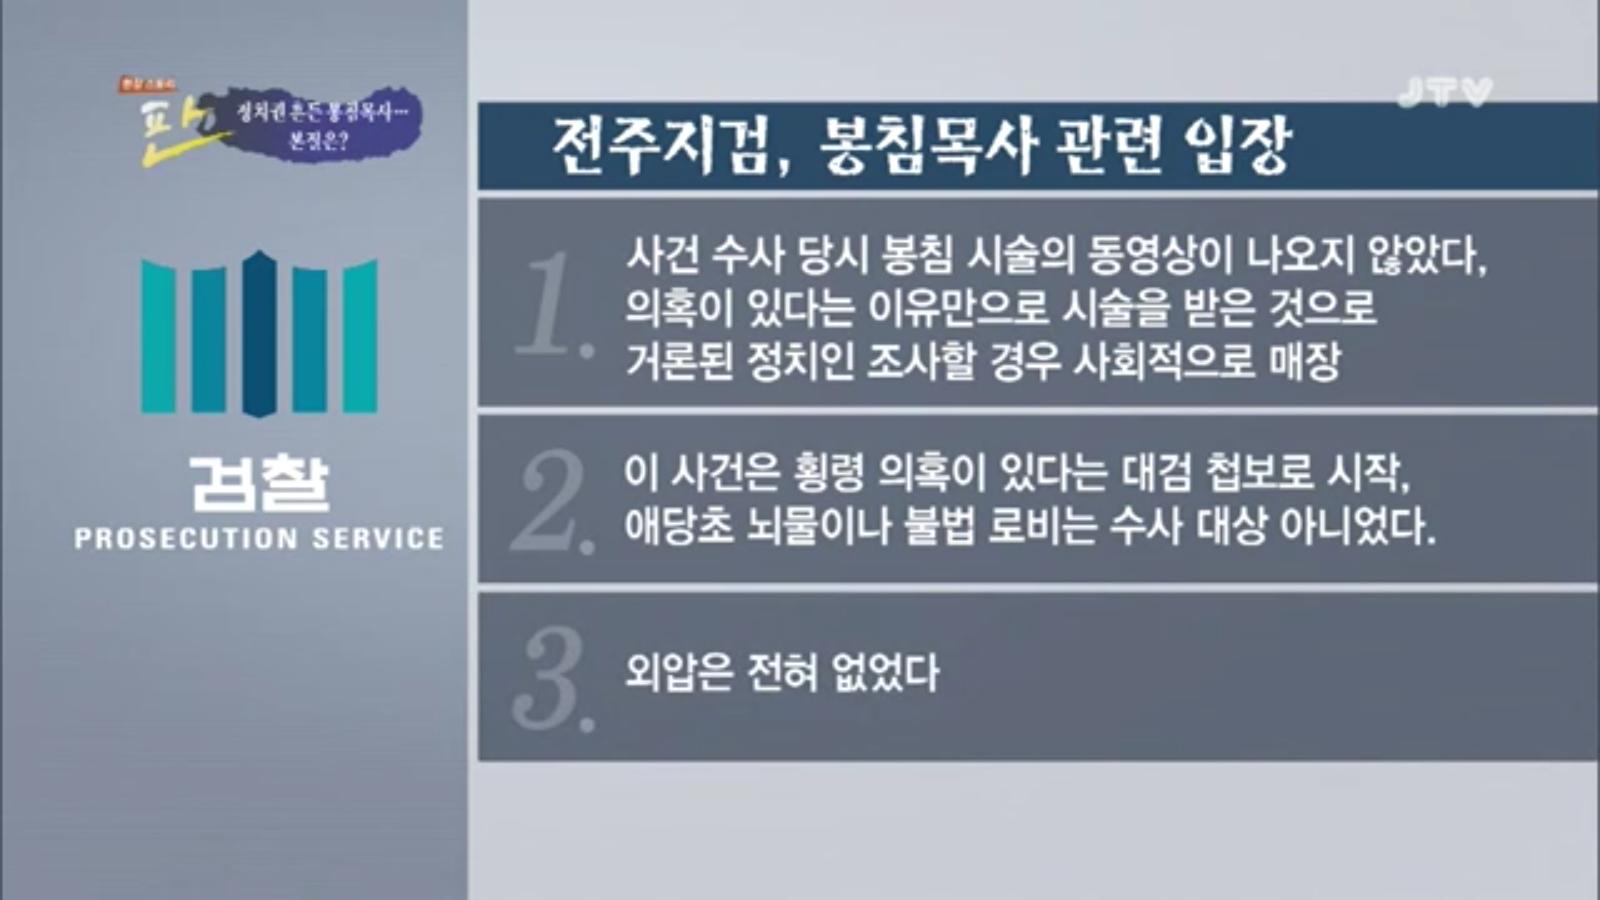 [18.4.13 JTV] 전주 봉침게이트, 정치권 흔든 봉침목사...본질은41.jpg